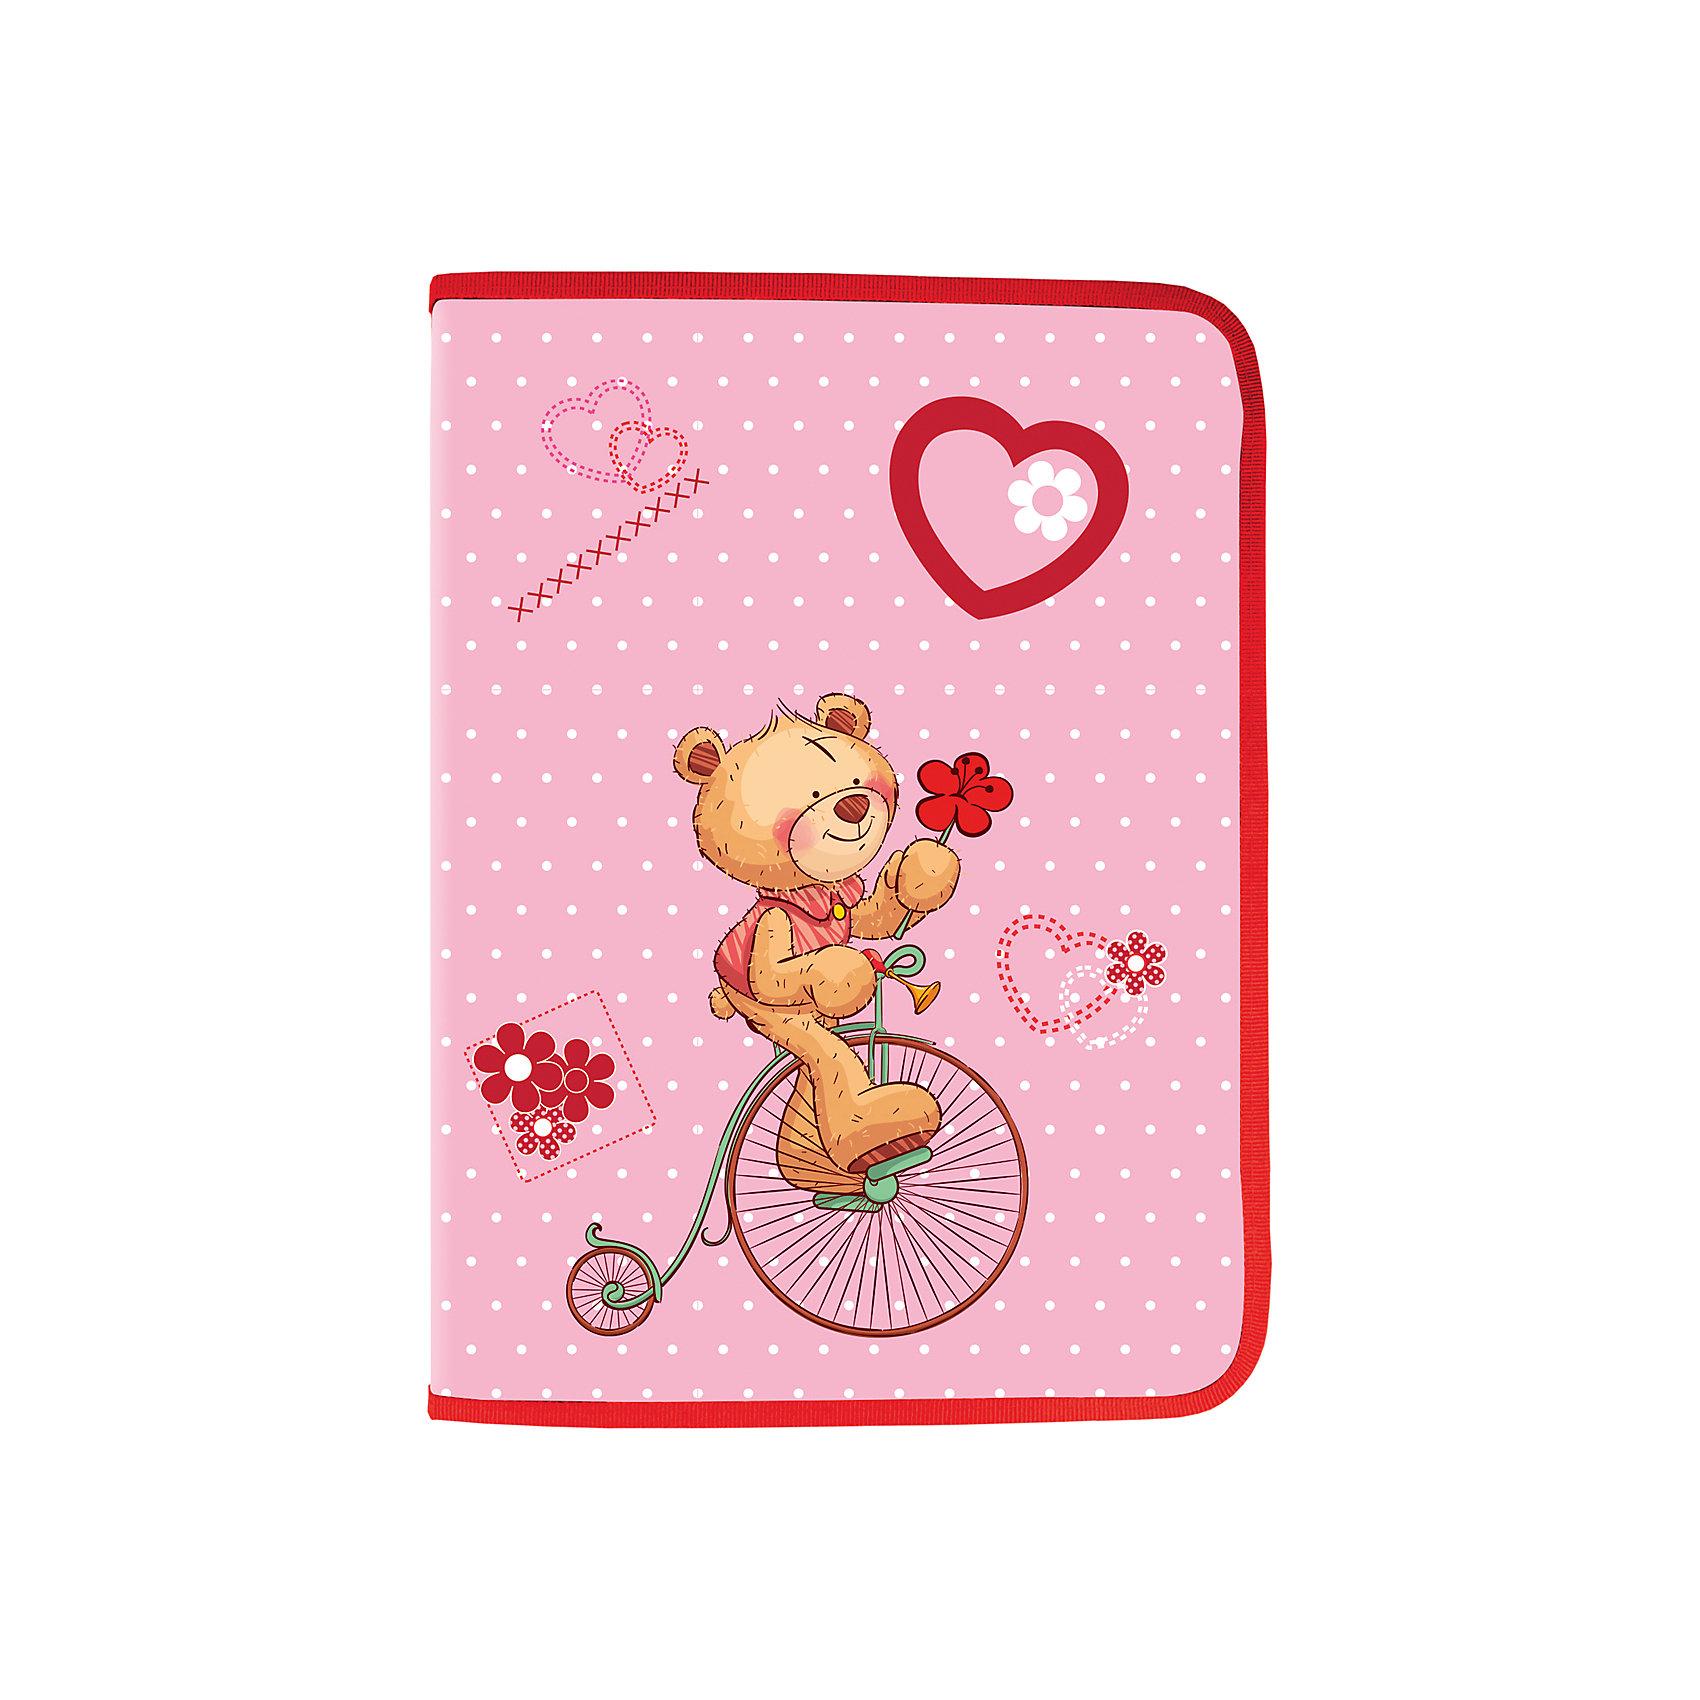 Папка для труда Мишка, А4Папки для труда<br>Папка для труда Мишка предназначена для девочек. Она выполнена в красно-розовом цвете и дополнена необычным принтом на карманах. Ваш ребенок с радостью будет пользоваться такой красивой папкой!<br><br>Дополнительная  информация: <br><br>- Формат А4 (330x230 мм).<br>- 1 отделение.<br>- Вкладыш для принадлежностей.<br>- Застежка-молния с трех сторон.<br>- Размер упаковки: 23,5х33х1,2 см.<br>- Вес в упаковке: 199 г. <br><br>Папку для труда Мишка можно купить в нашем магазине.<br><br>Ширина мм: 235<br>Глубина мм: 330<br>Высота мм: 12<br>Вес г: 199<br>Возраст от месяцев: 72<br>Возраст до месяцев: 2147483647<br>Пол: Унисекс<br>Возраст: Детский<br>SKU: 4792701